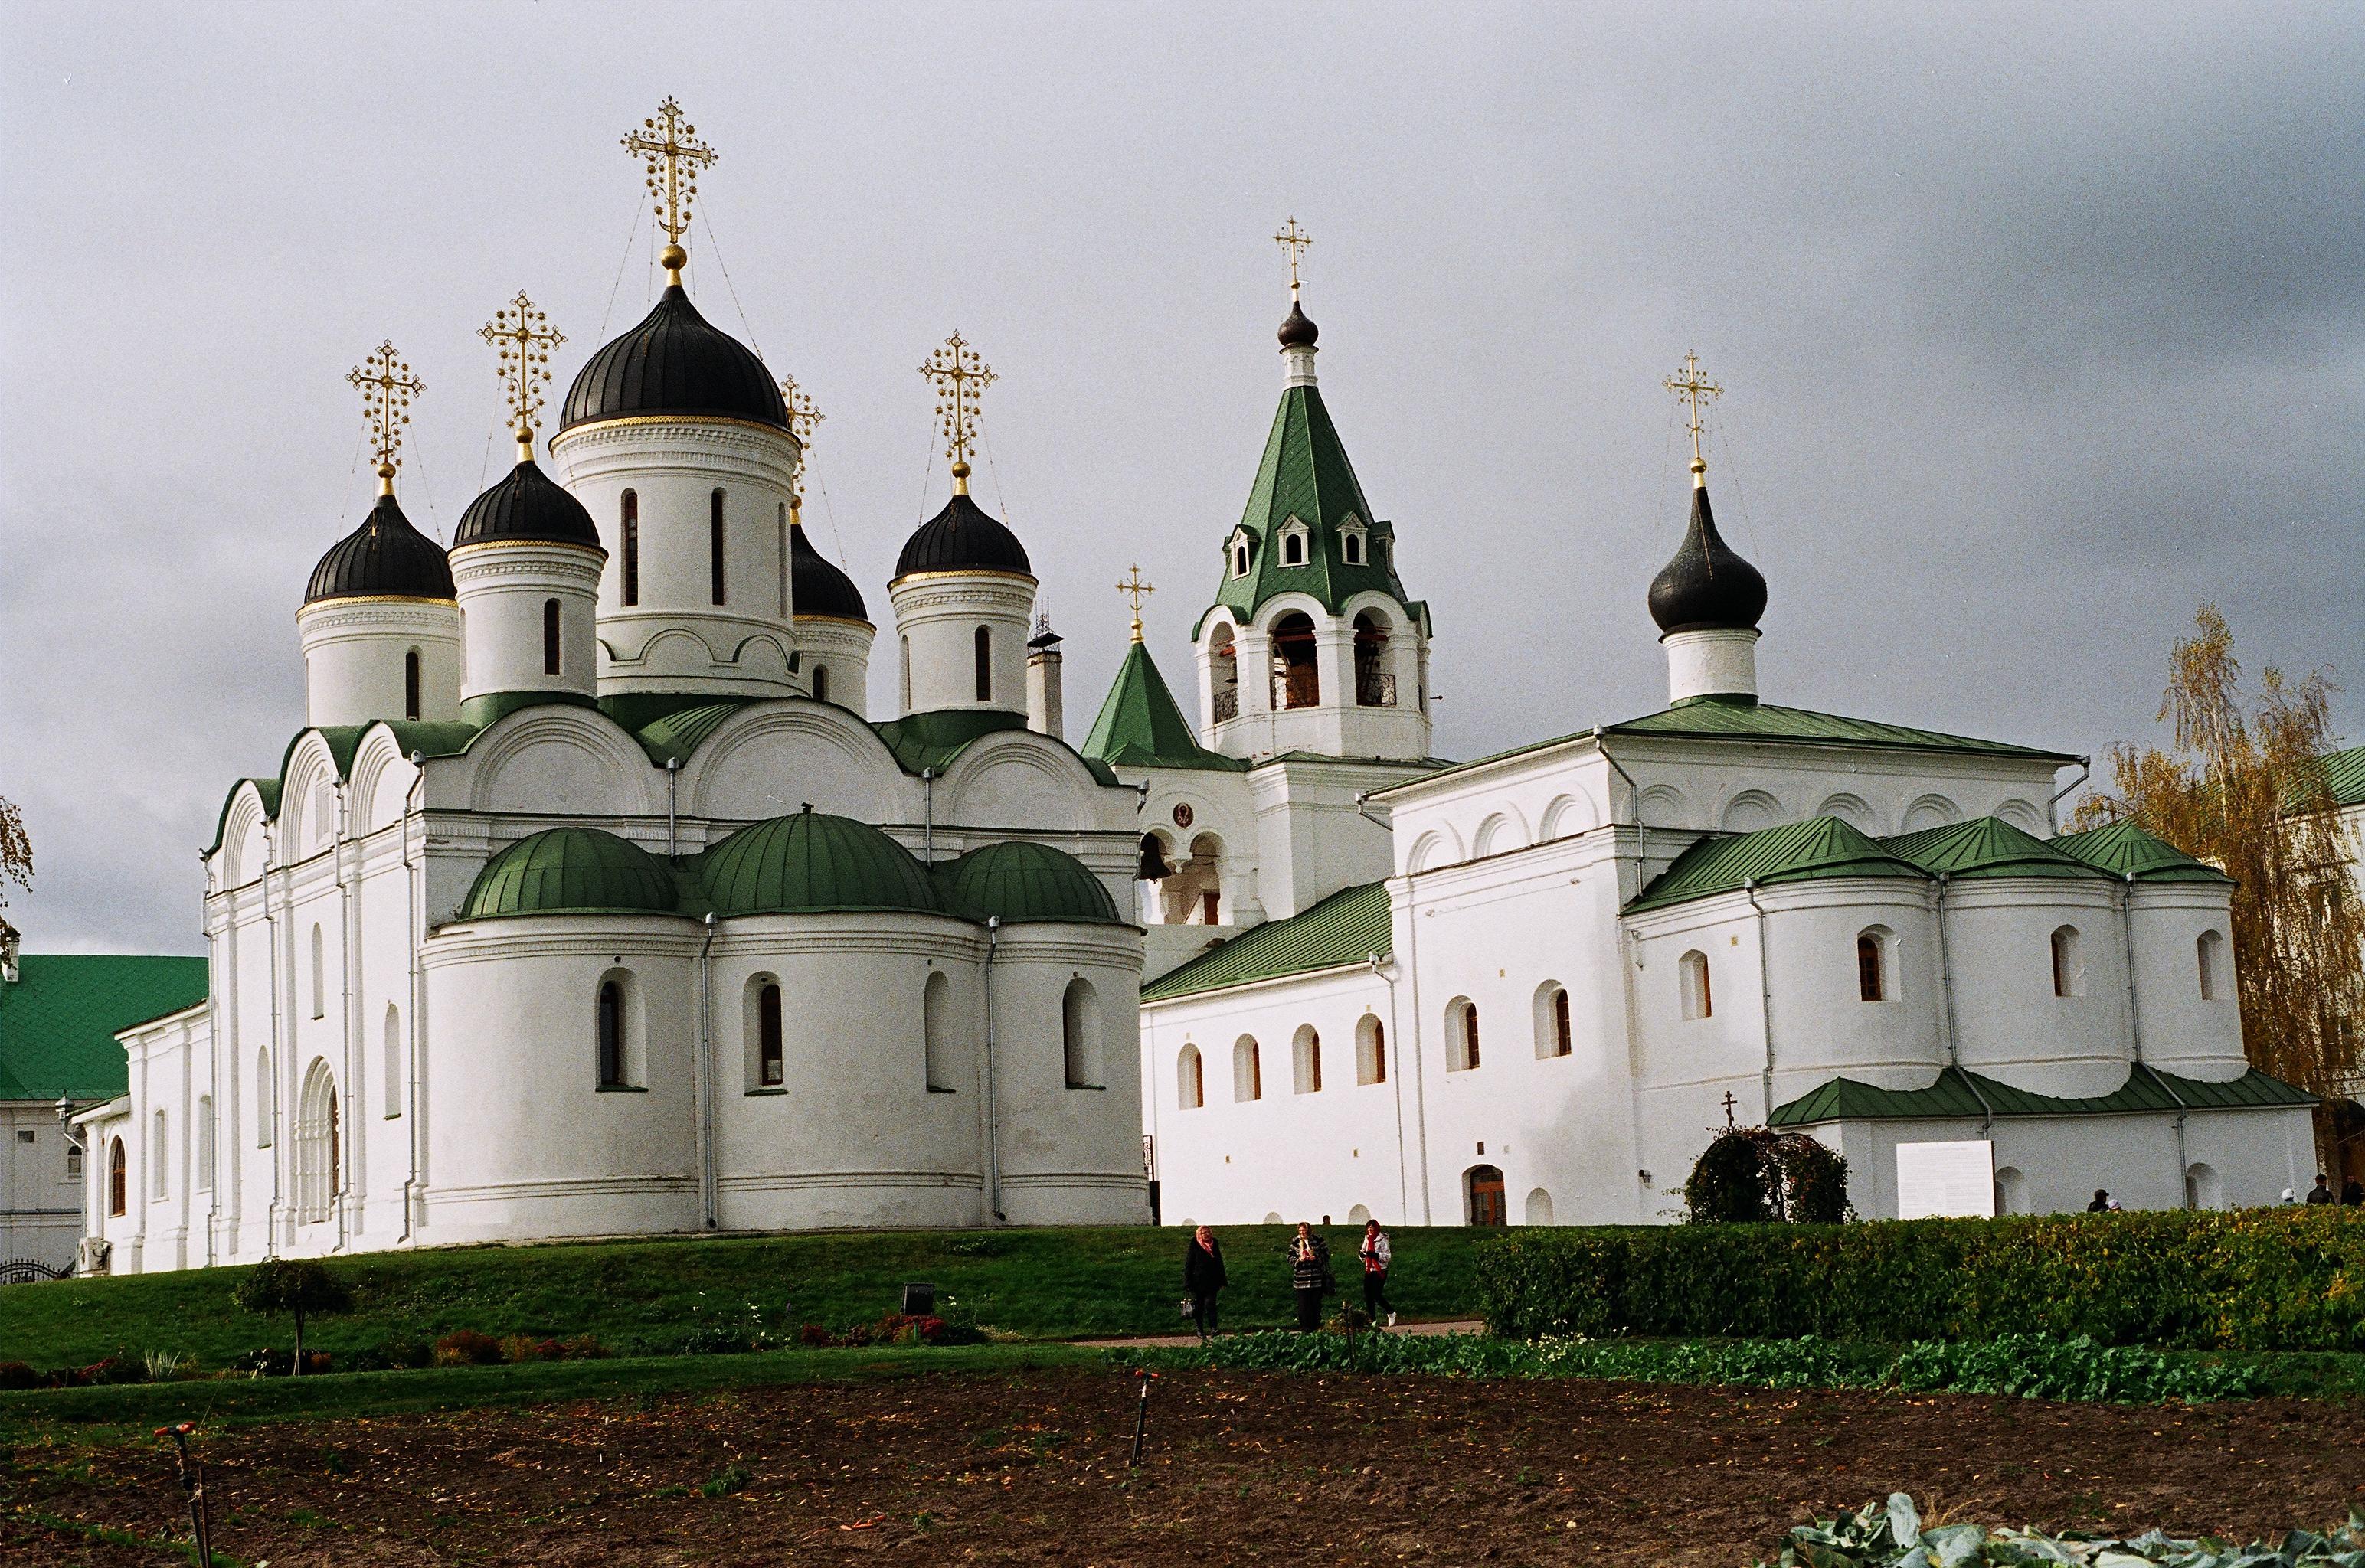 10 2 - As 10 cidades mais antigas da Rússia